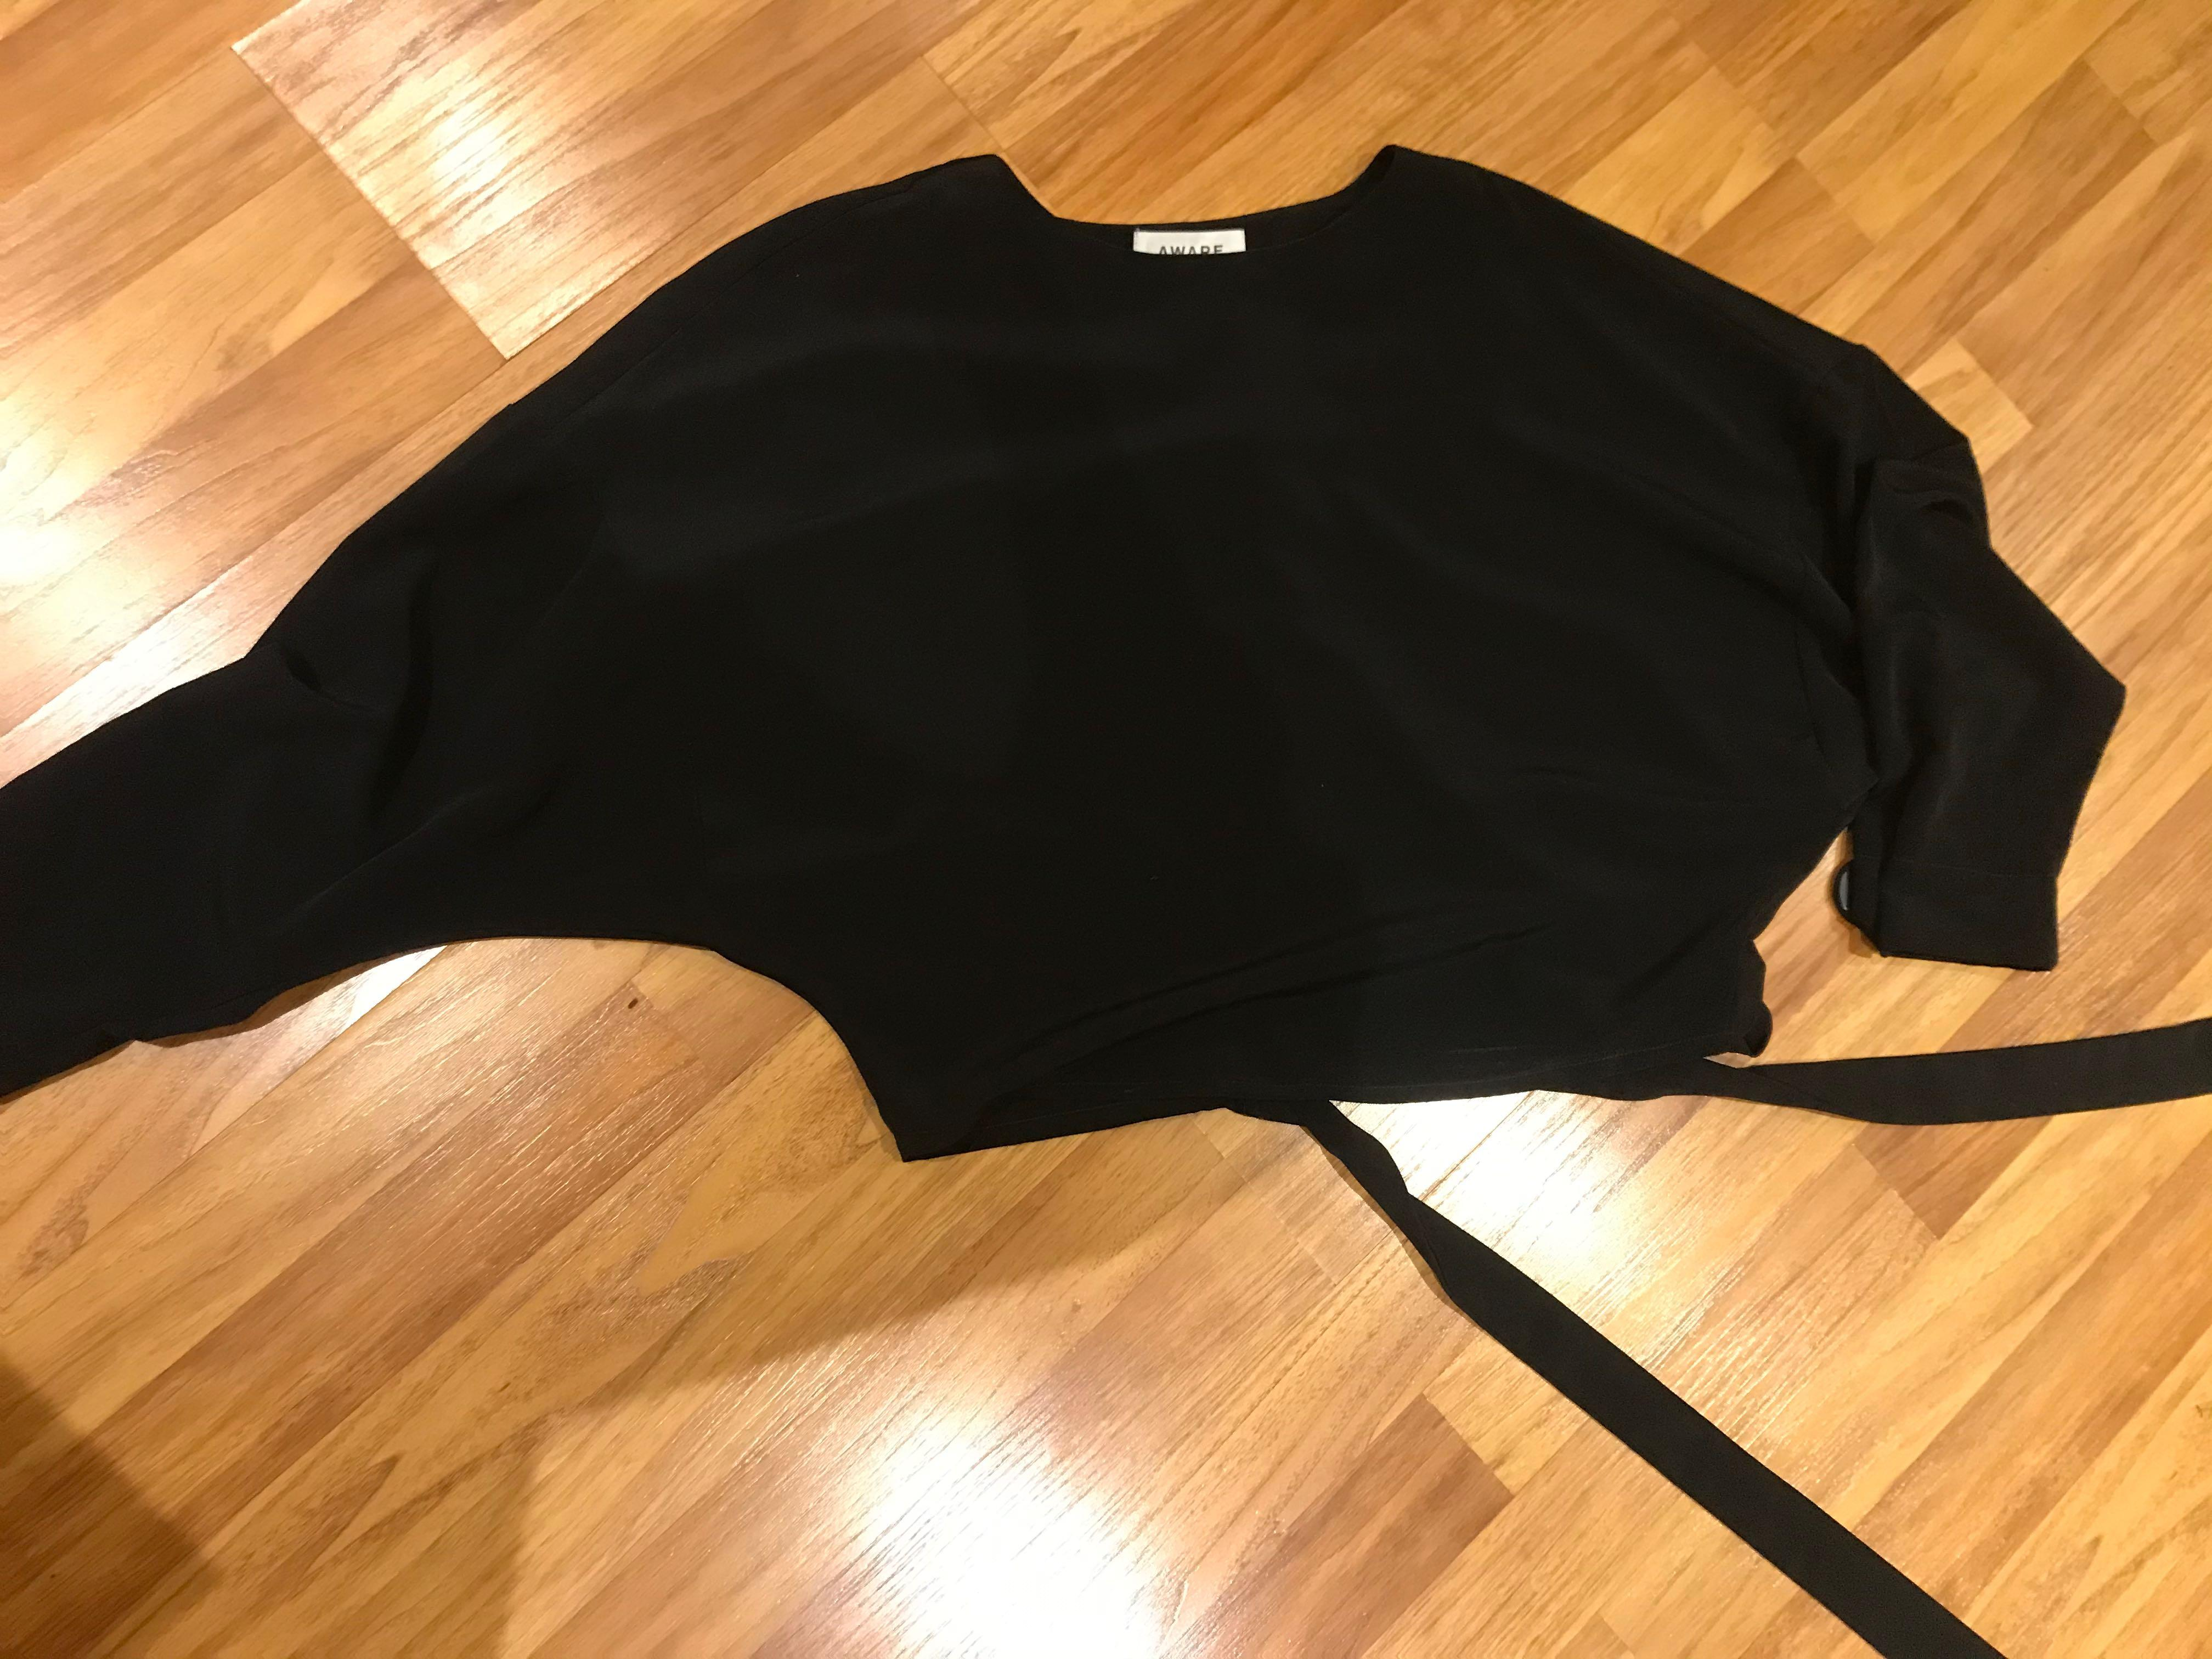 Vera moda black top size xs